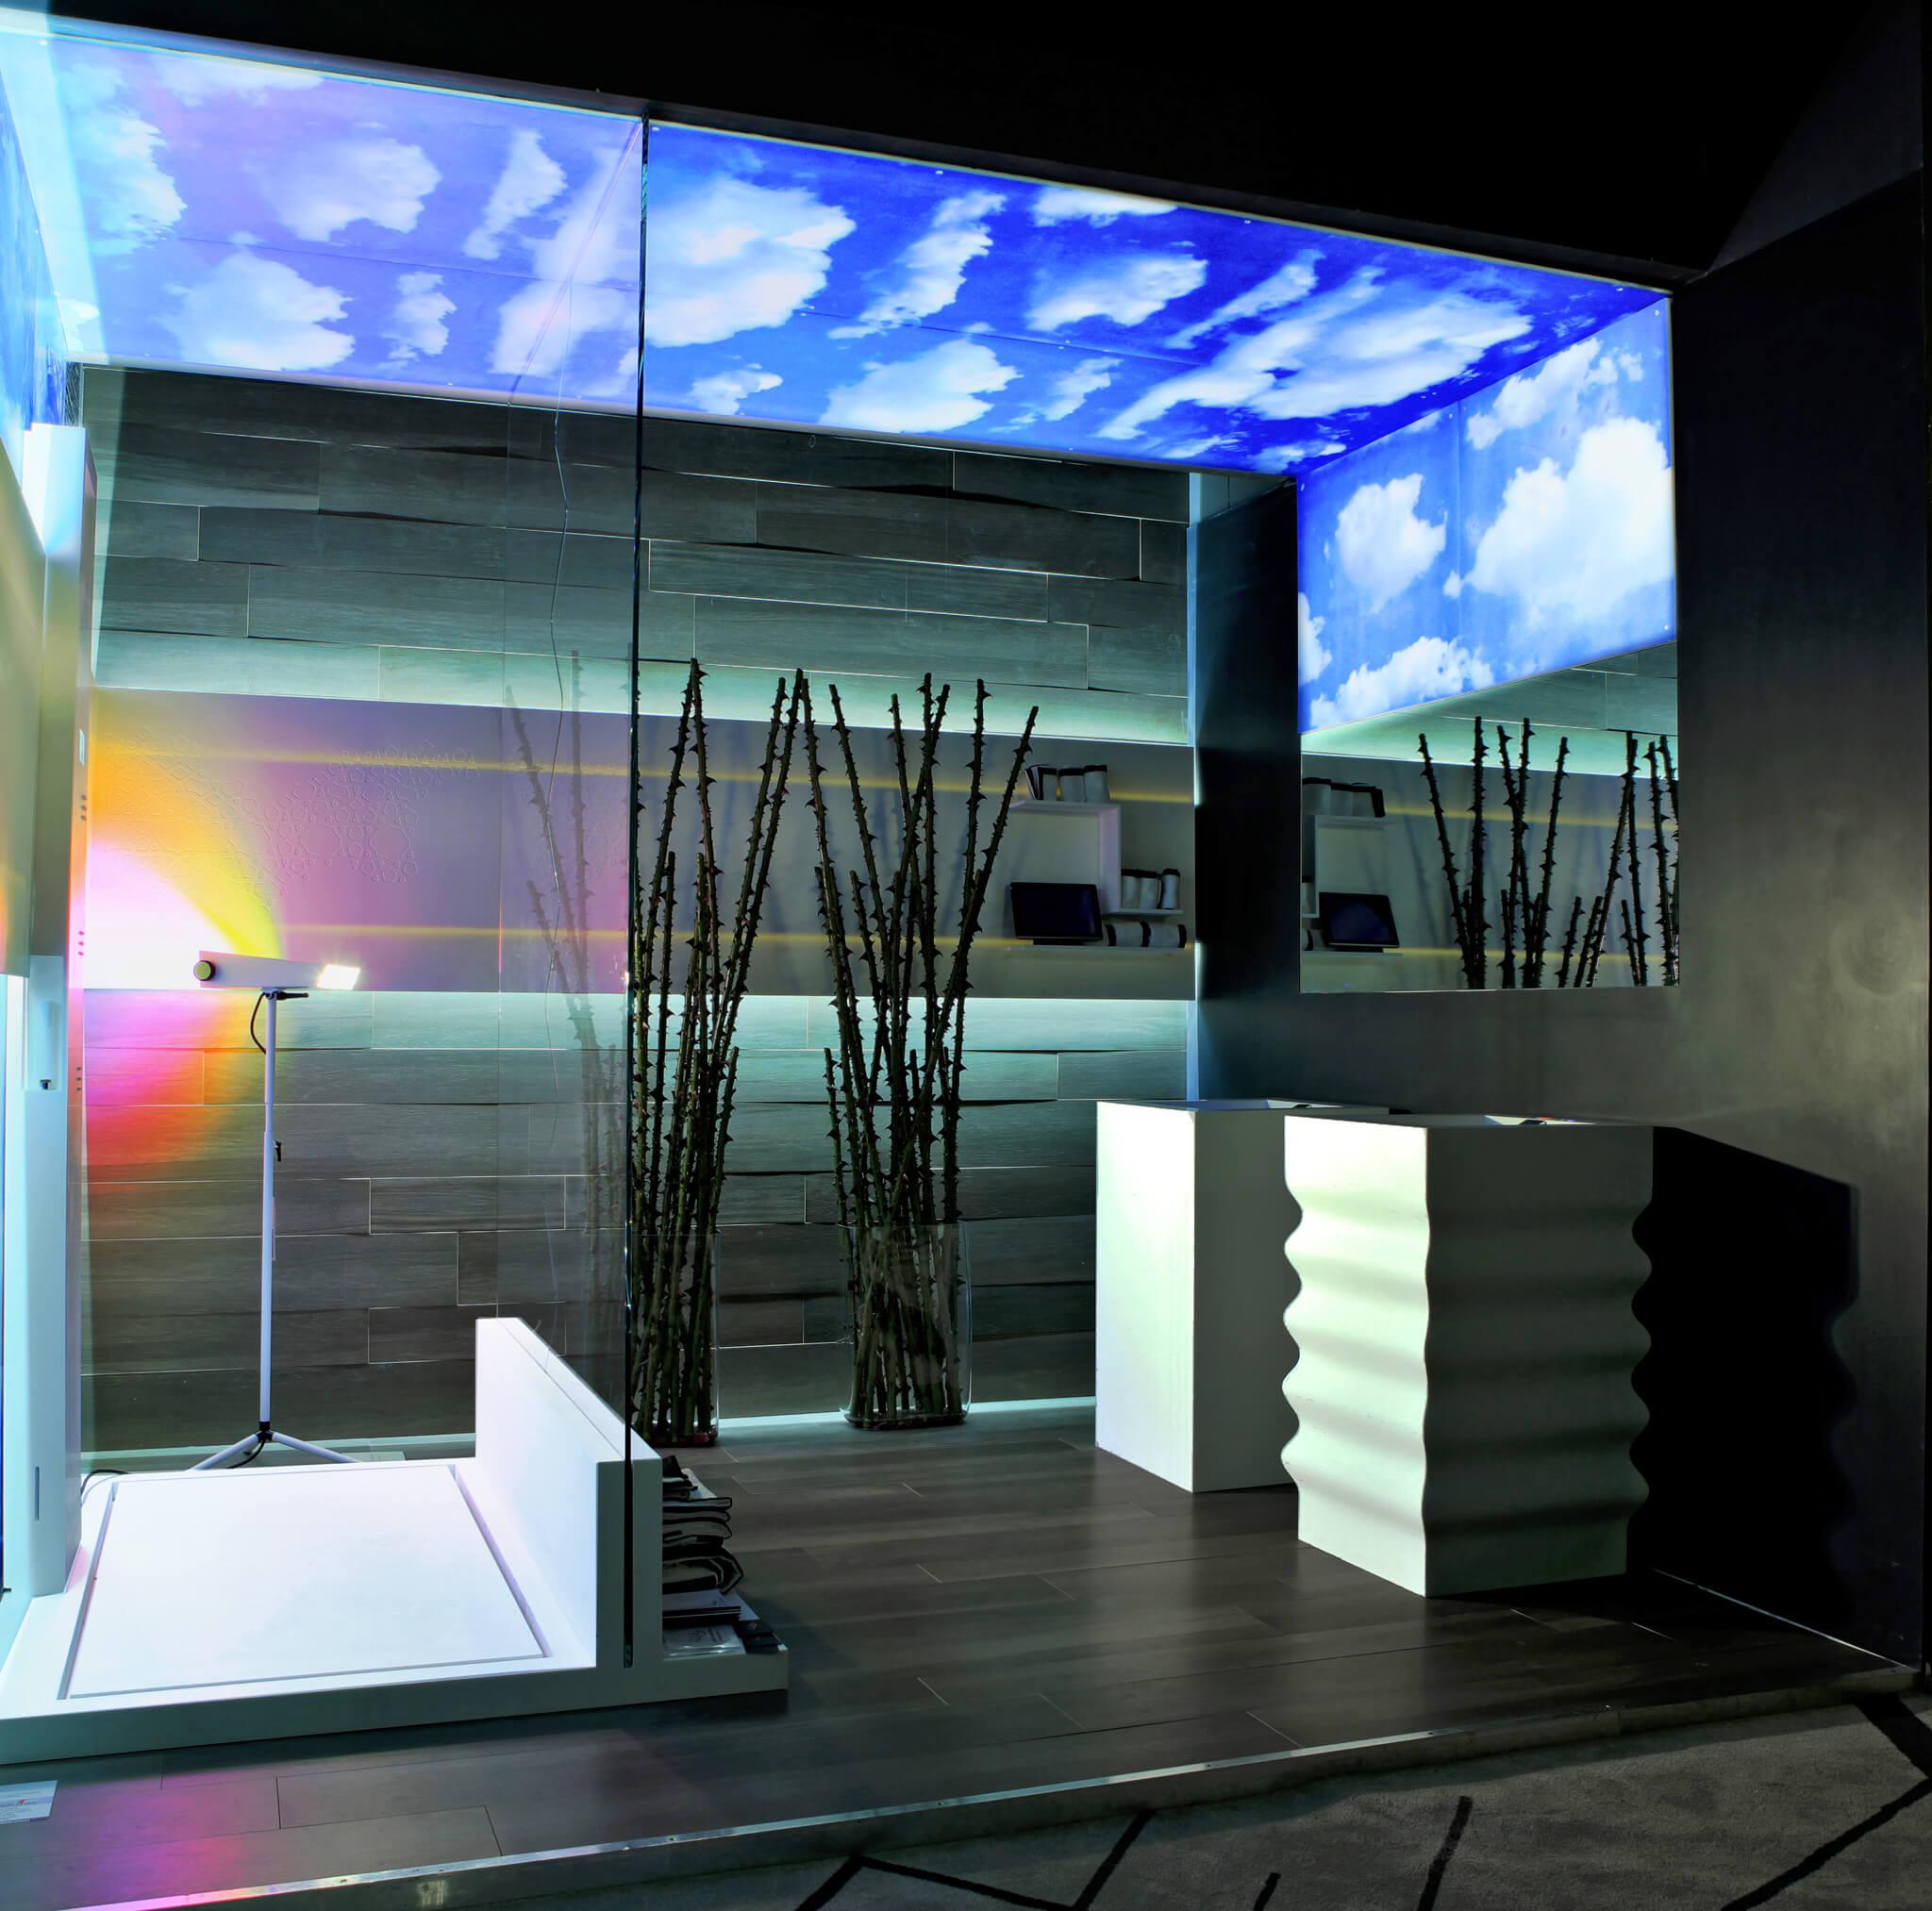 Lichtplanung - Konzept & Realisierung | Torsten Müller